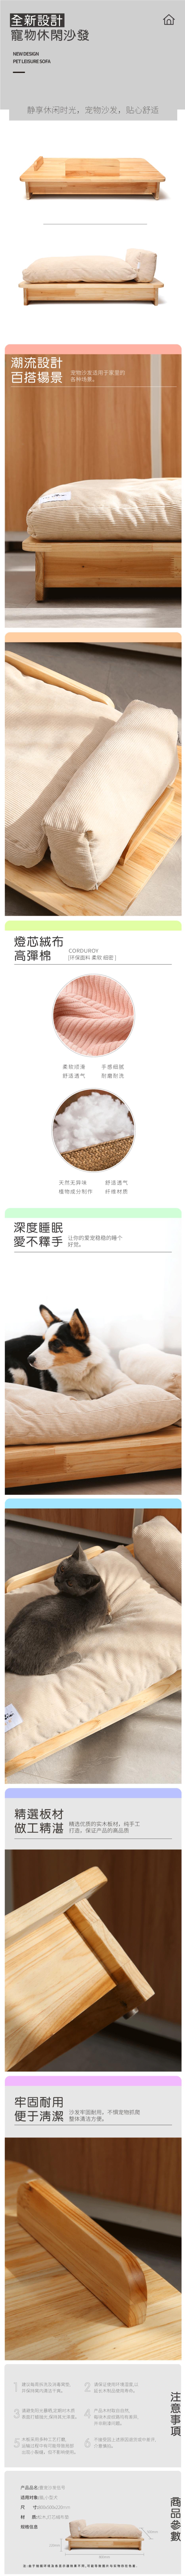 宠物休闲沙发